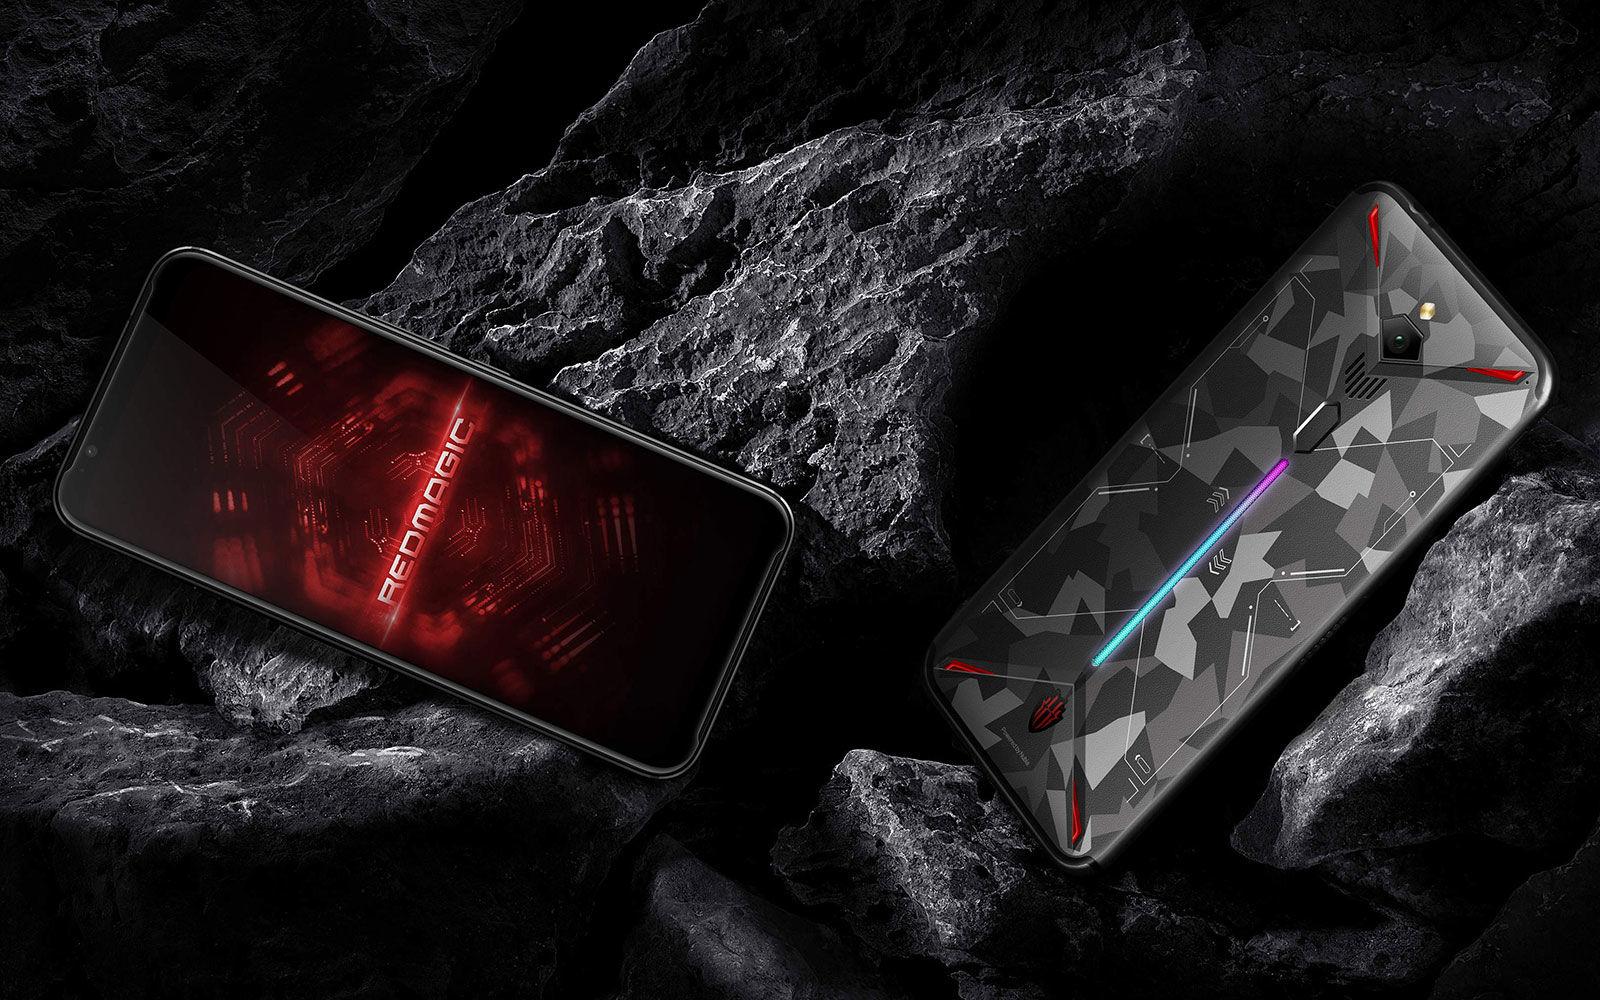 สมาร์ทโฟนเรือธงตัวใหม่ Nubia Red Magic 3 พร้อมพัดลมระบายความร้อนในตัว!